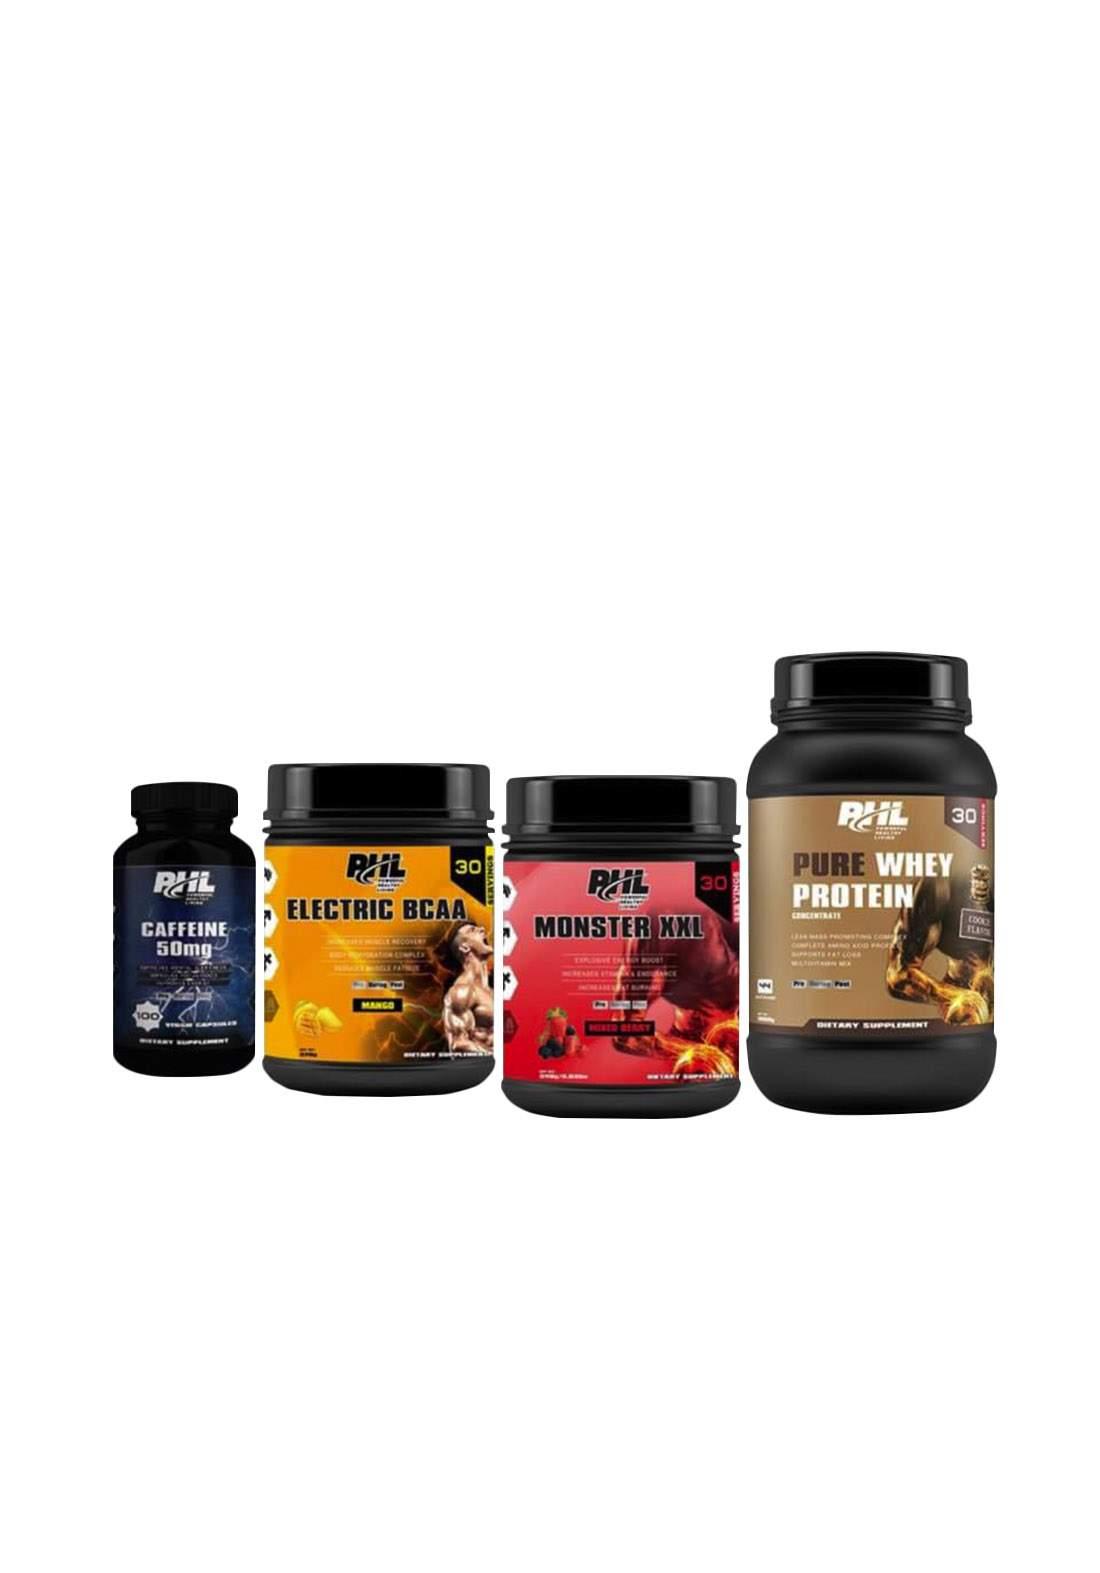 PHL Food Supplements package 4pcs (pure whey protein + moster xxl + electric bcaa + caffeine ) مجموعة المكملات الغذائية